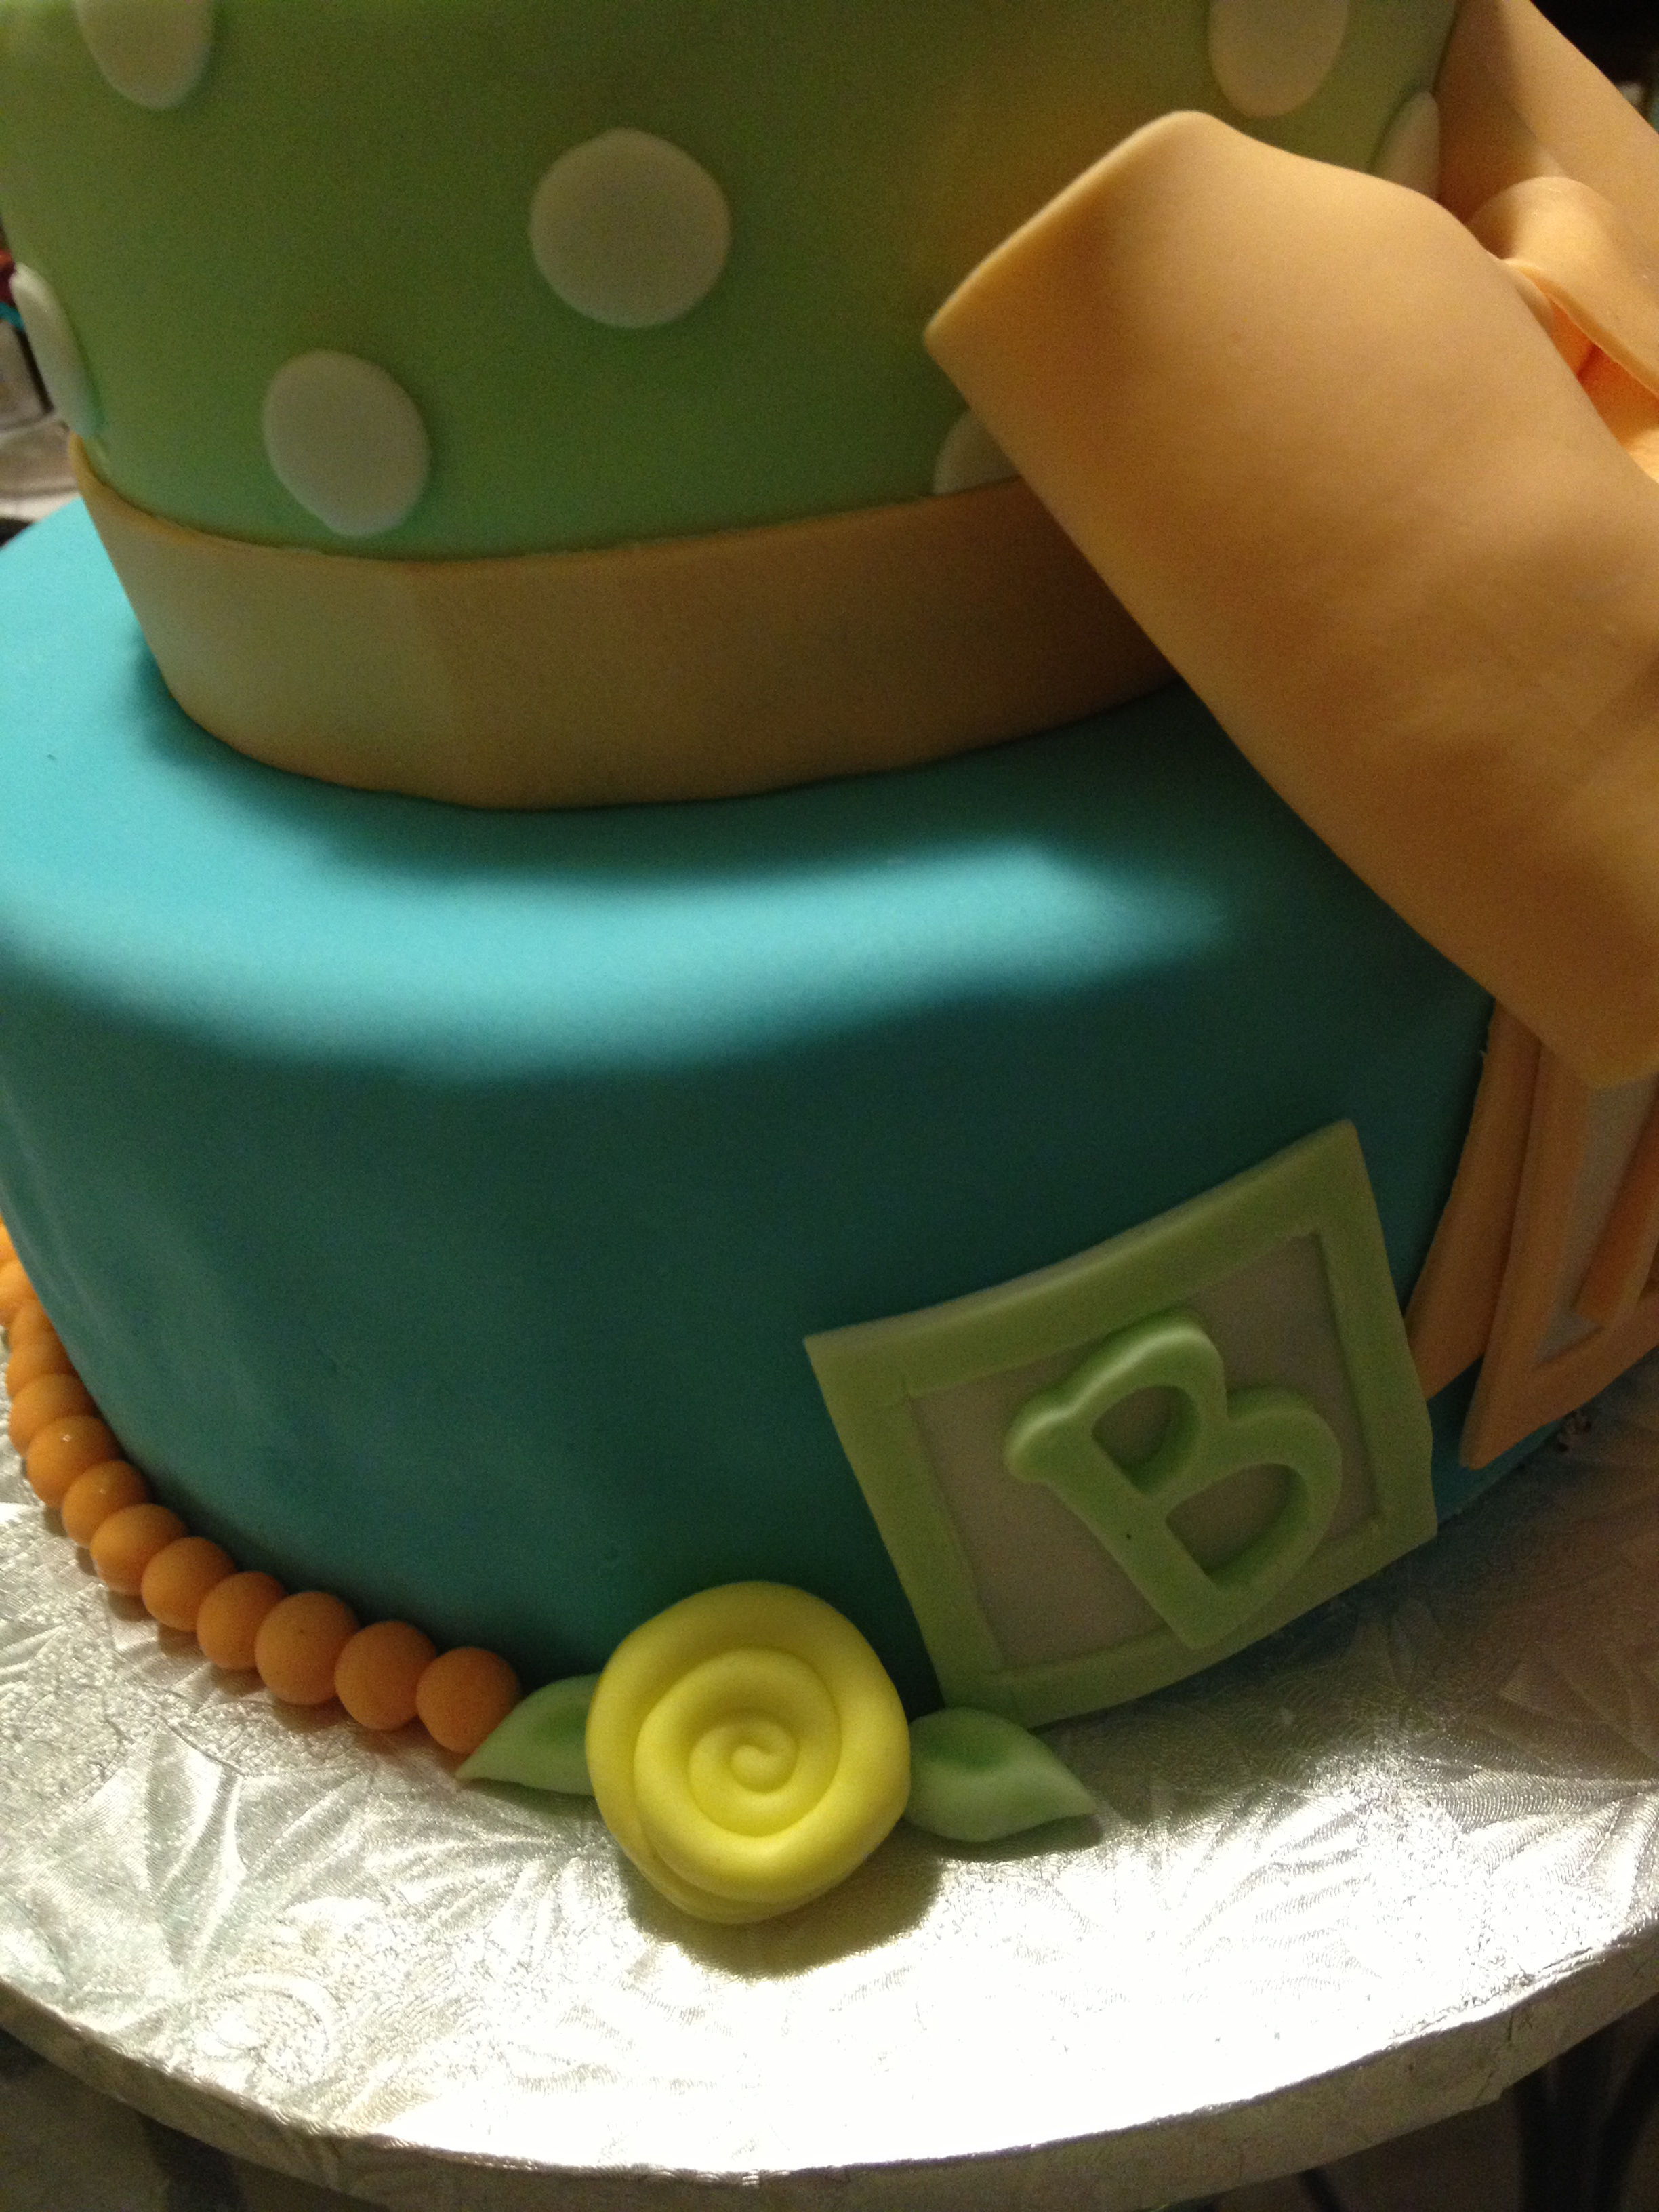 Cake Decorating Letter Blocks : Letter Blocks Cake Decorations living room desk chair